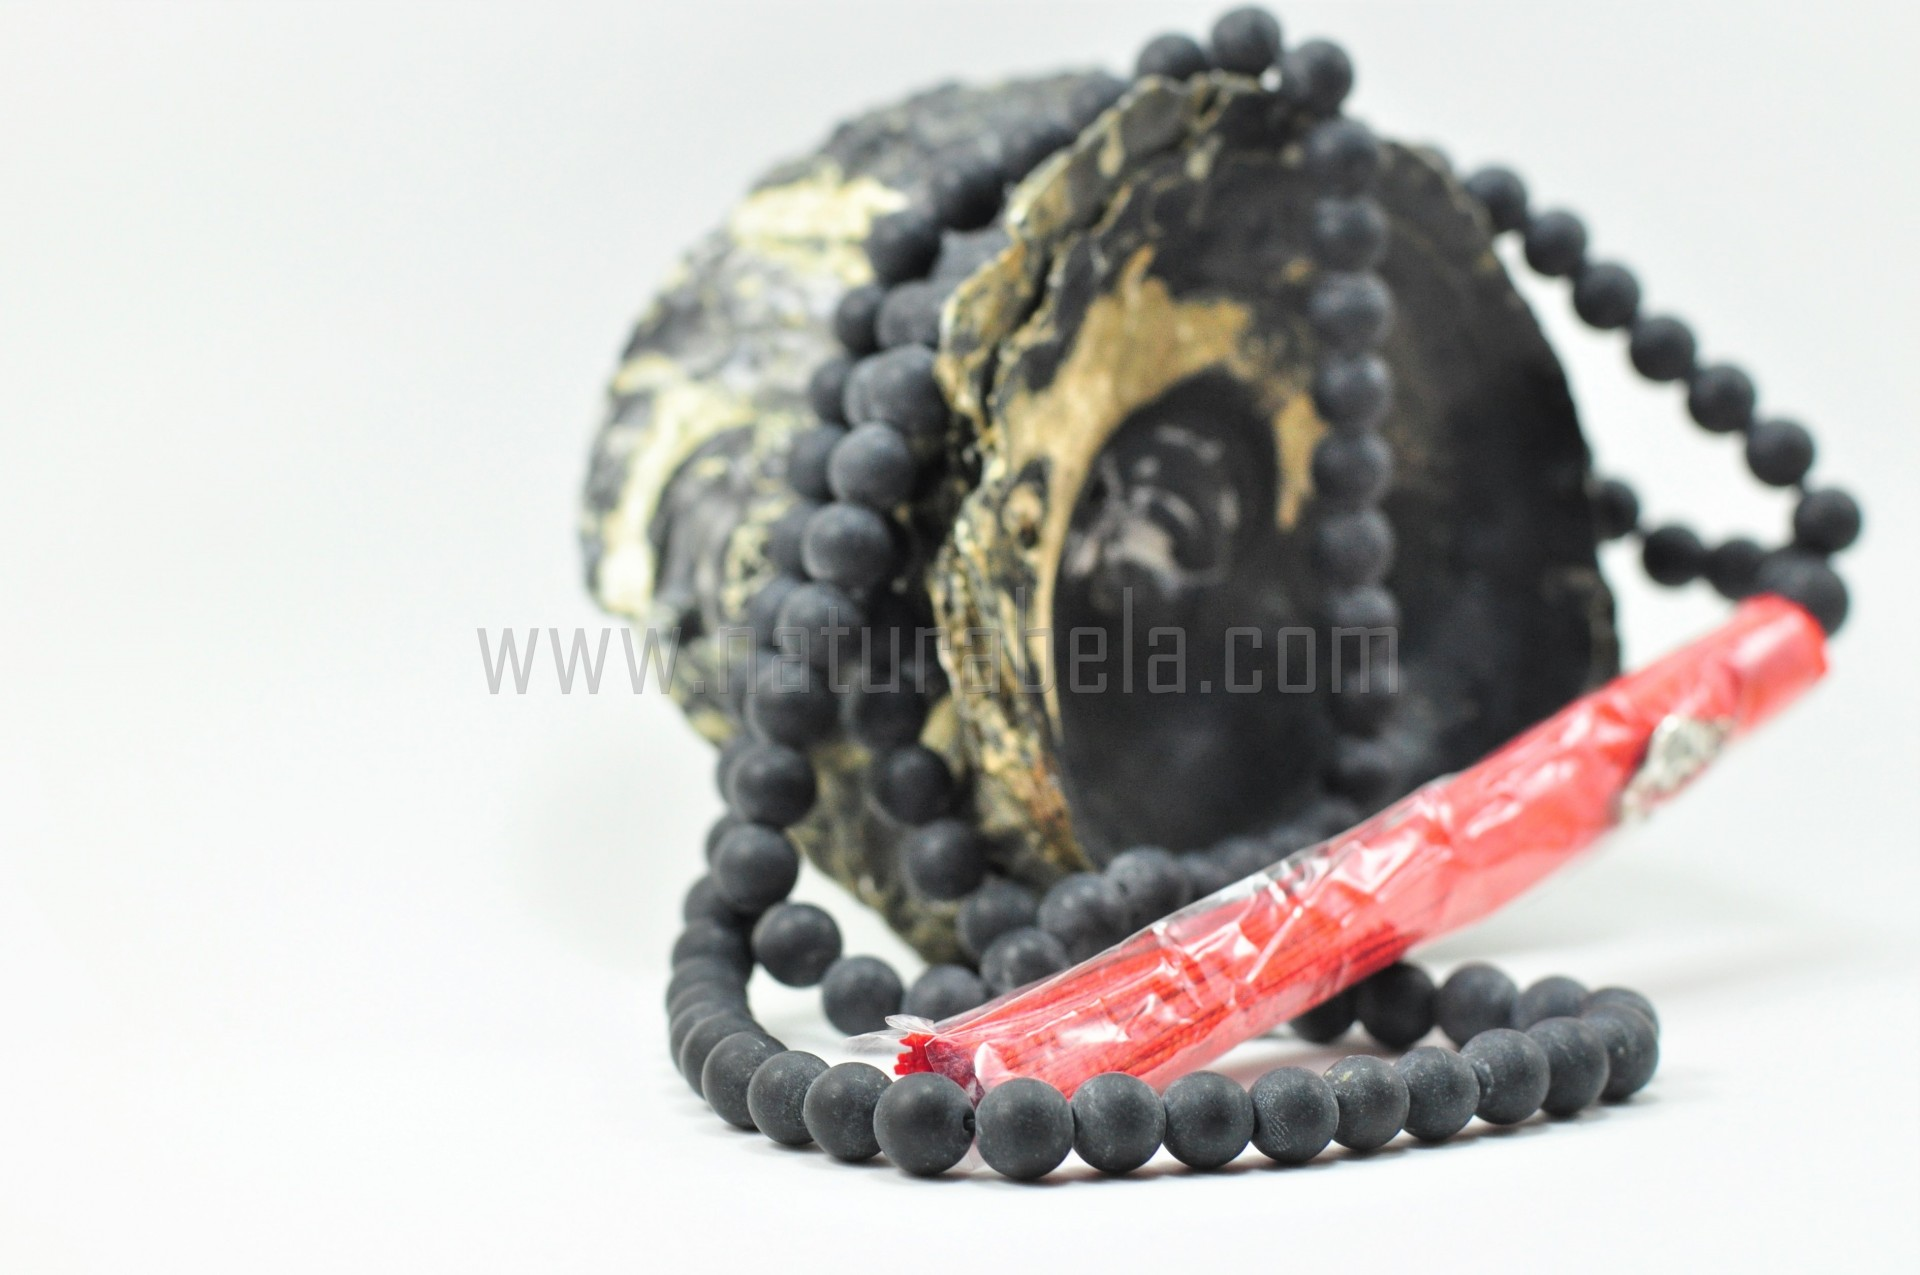 Japamala de Pedra Bian 8mm com símbolo OM